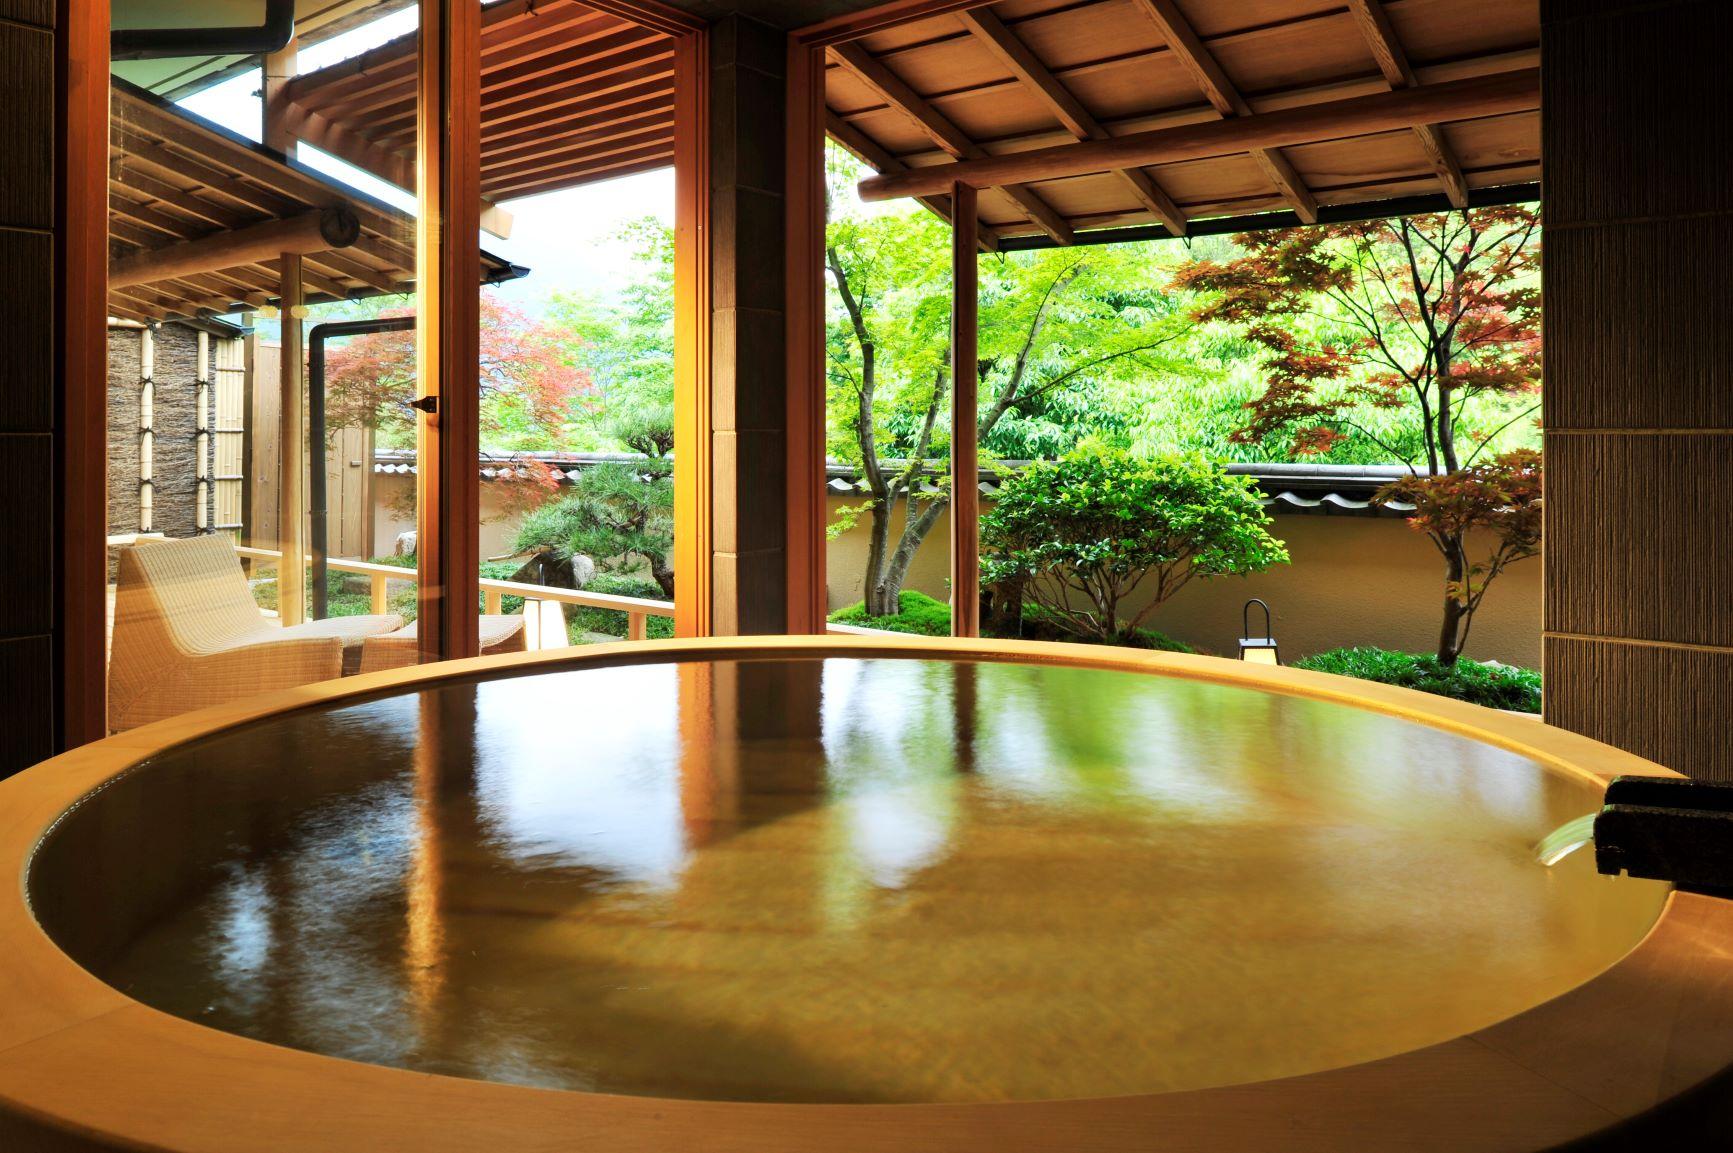 【2021年最新版】子連れ向け!箱根でおすすめの家族風呂・貸切風呂があるお宿10選!